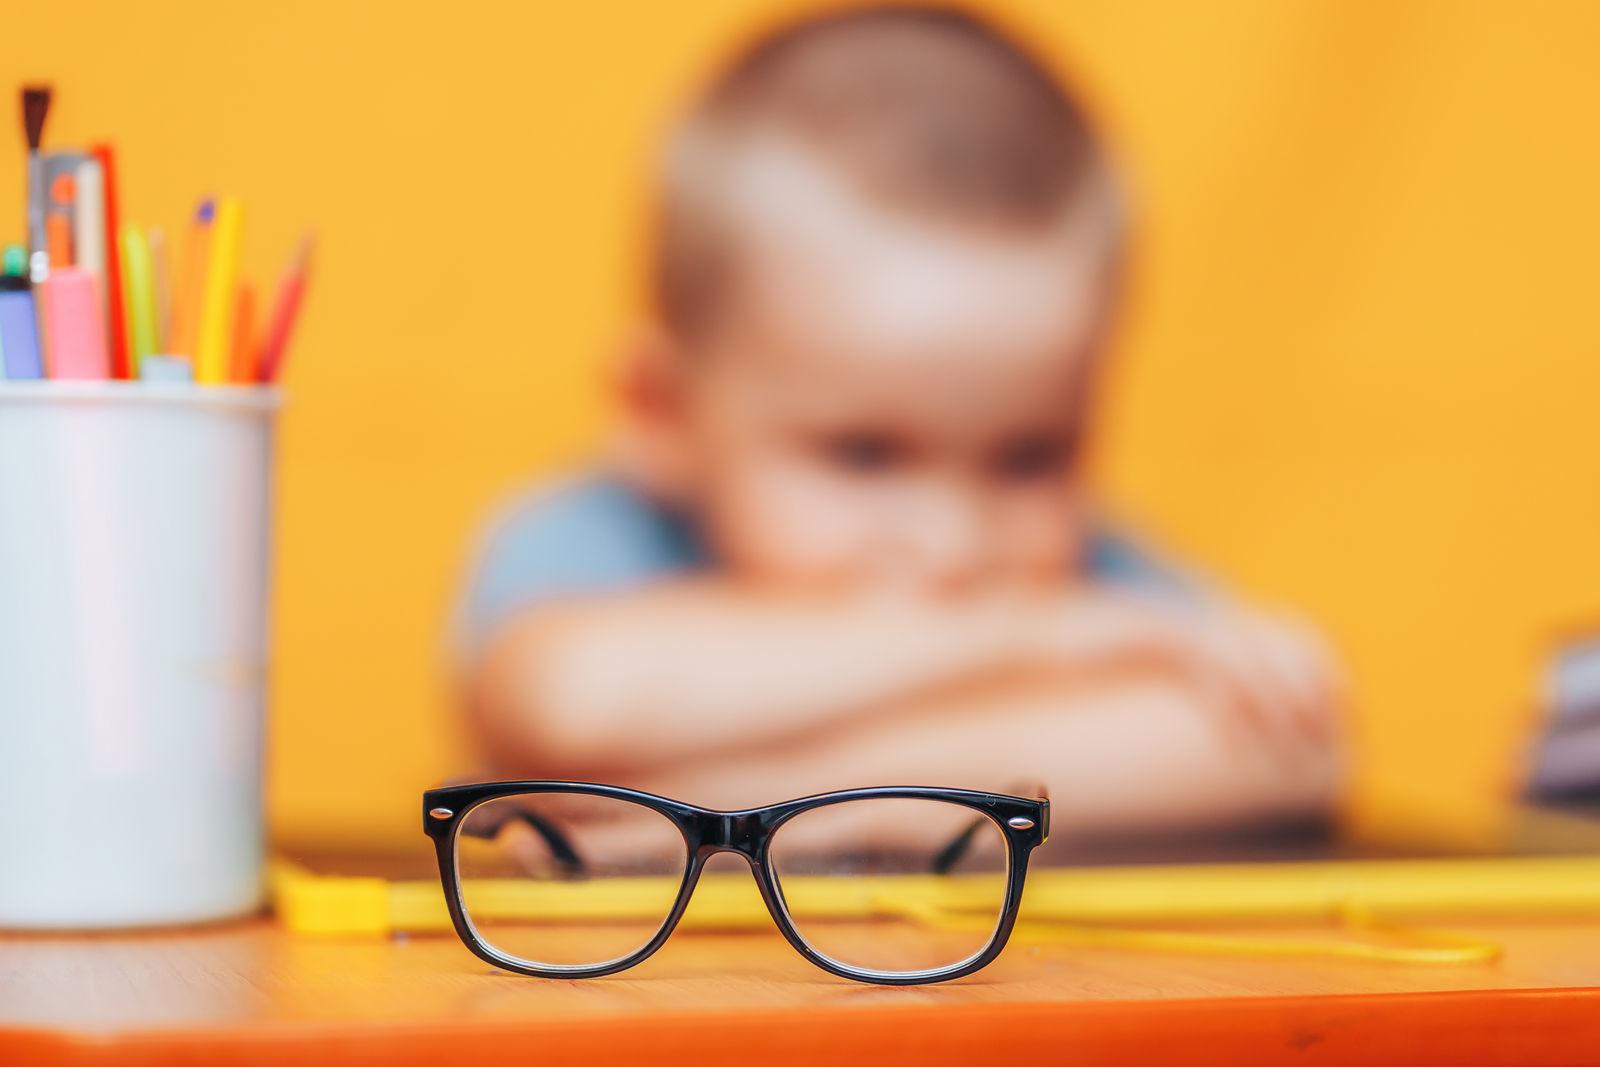 мальчик сидит за столом на фоне оранжевой стены на первом плане очки